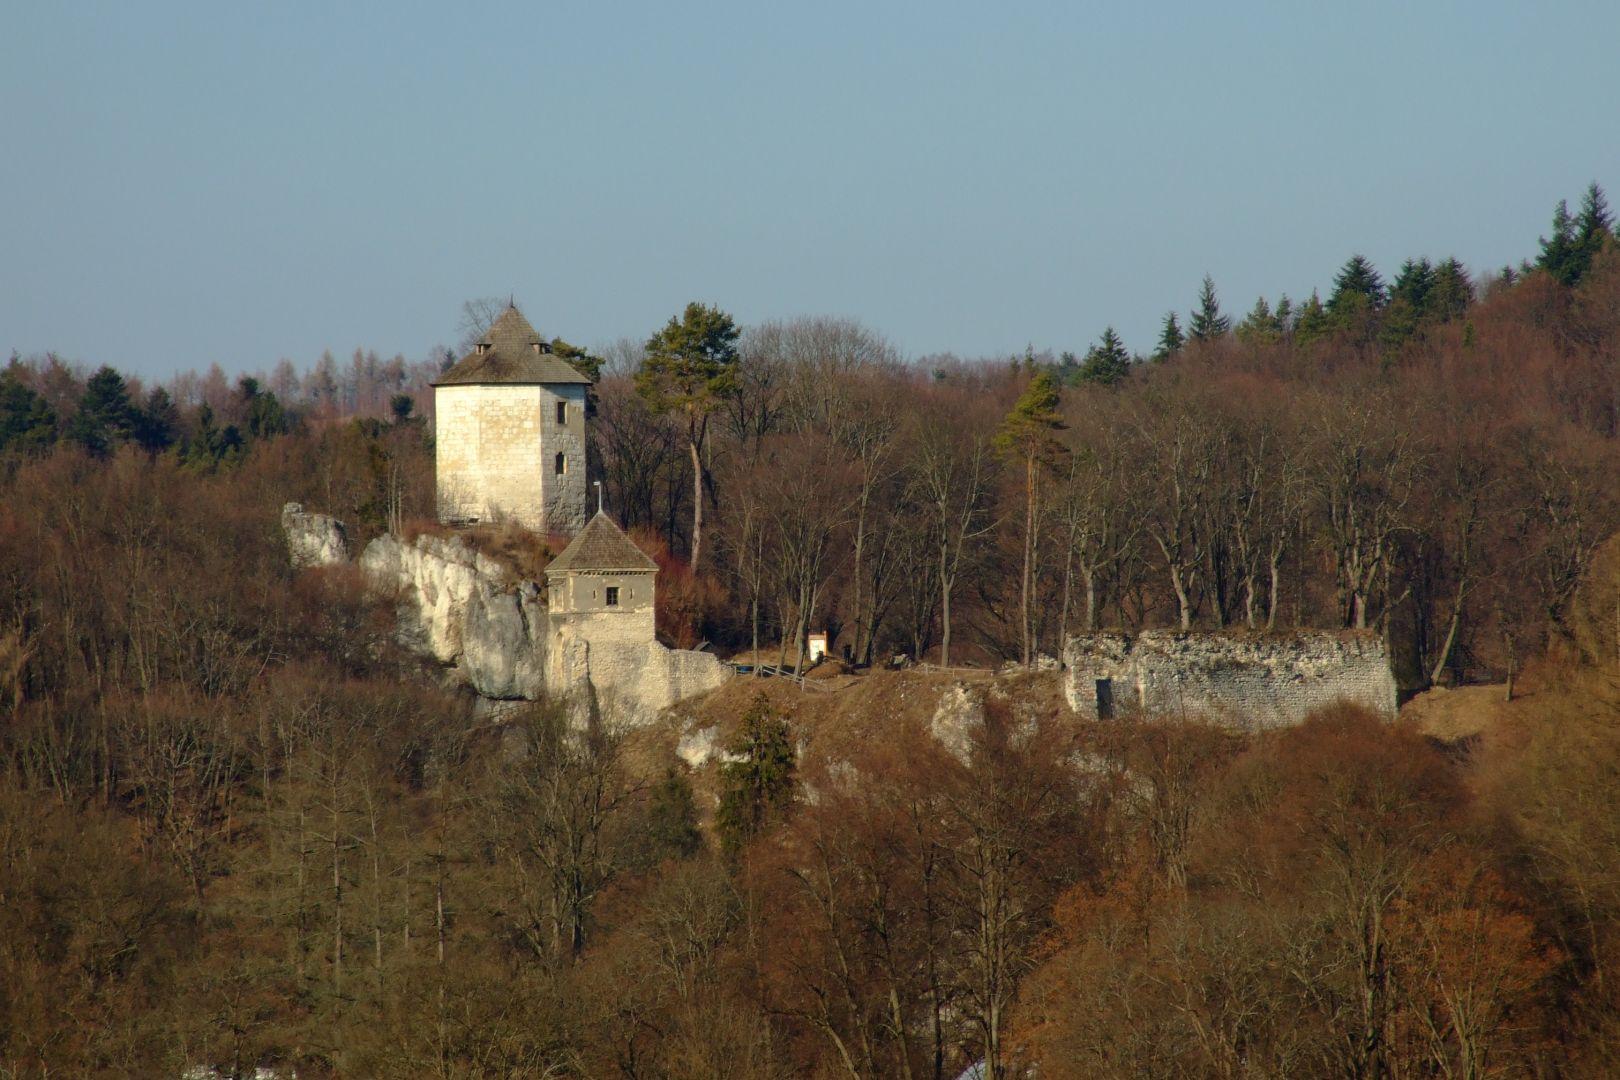 Ruiny zamku z oddali